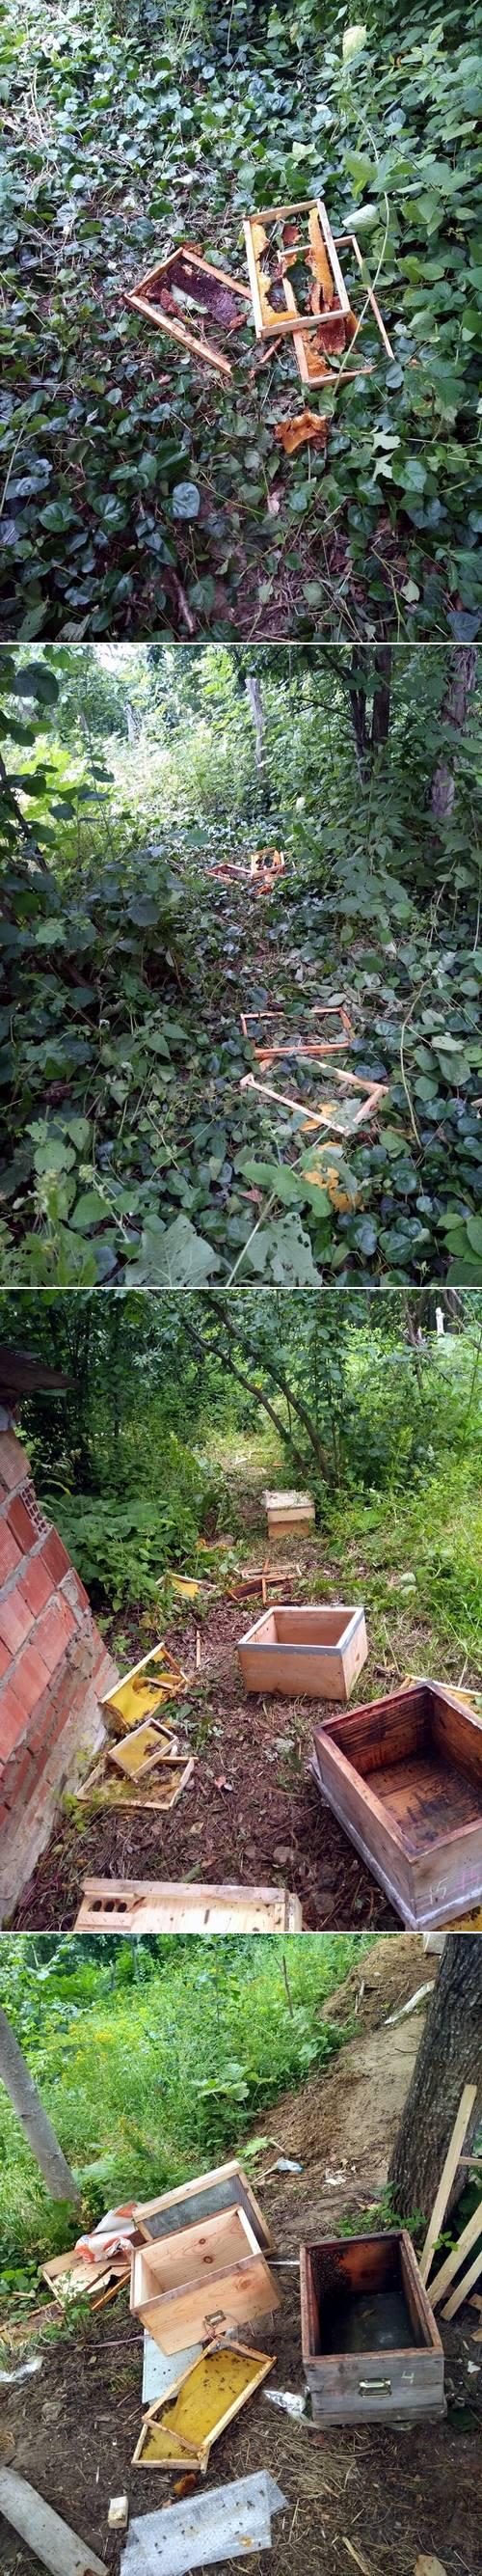 Sinop'ta amatör olarak arıcılıkla uğraşan Fadıl Bahçe isimli vatandaş, Erfelek ilçesine bağlı Sakarabaşı köyünde 10 adet kovan oluşturdu. Bir yıldan bu yana kovanların bakımını yapan Fadıl Bahçe'nin tüm emekleri 1 gecede yok oldu.